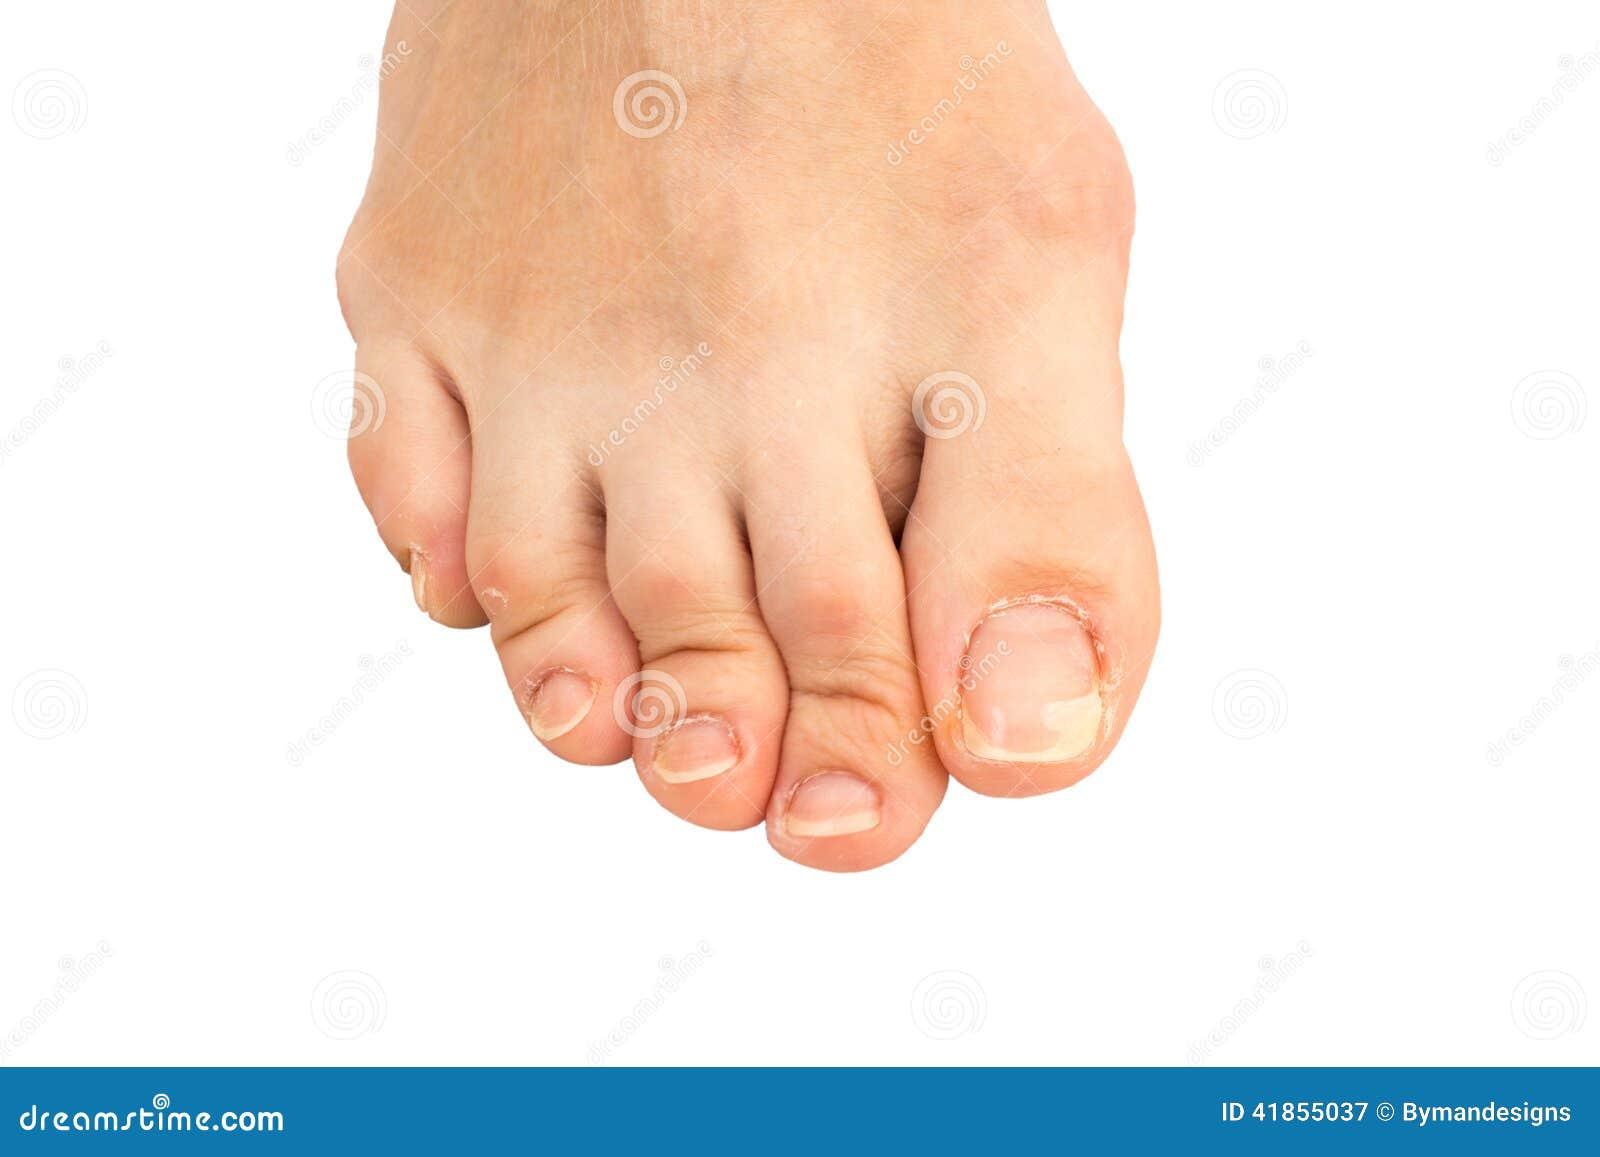 Ispessimento di unghie che sopportano ragioni trattamento